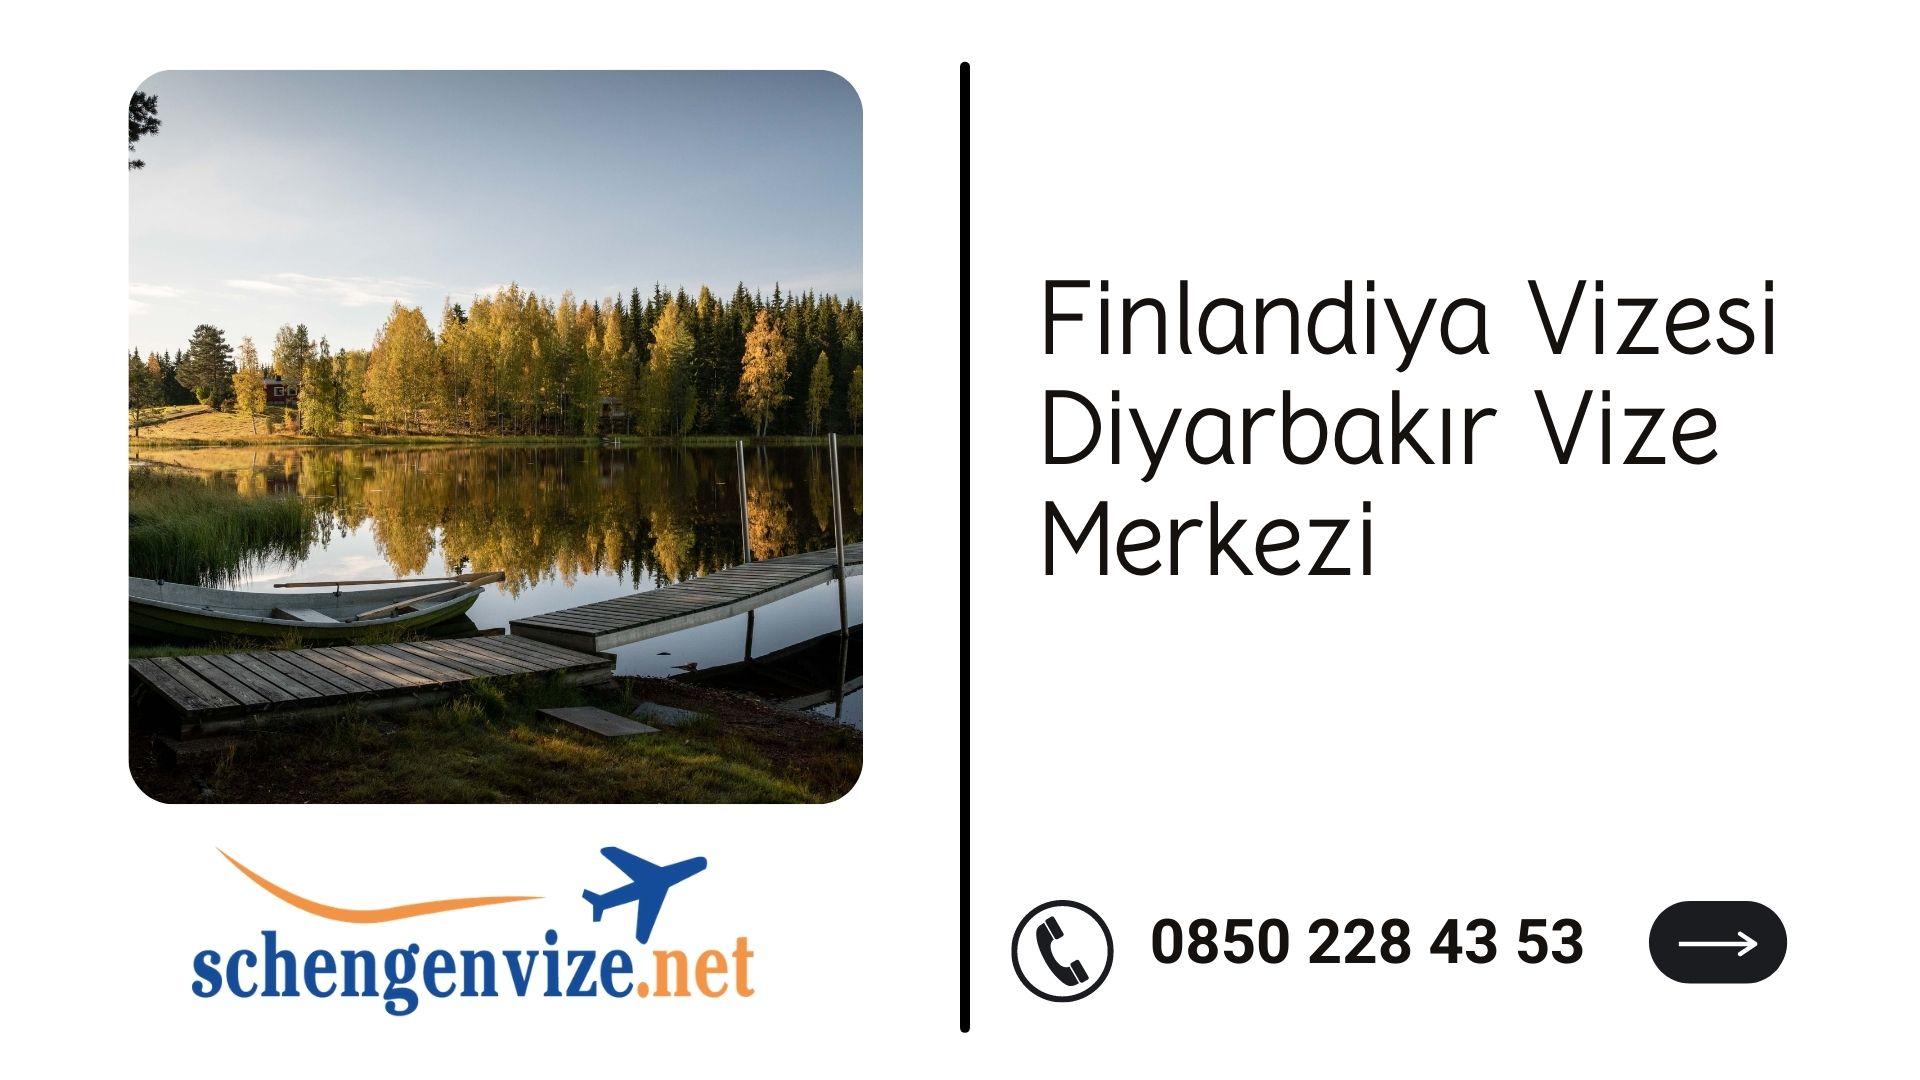 Finlandiya Vizesi Diyarbakır Vize Merkezi